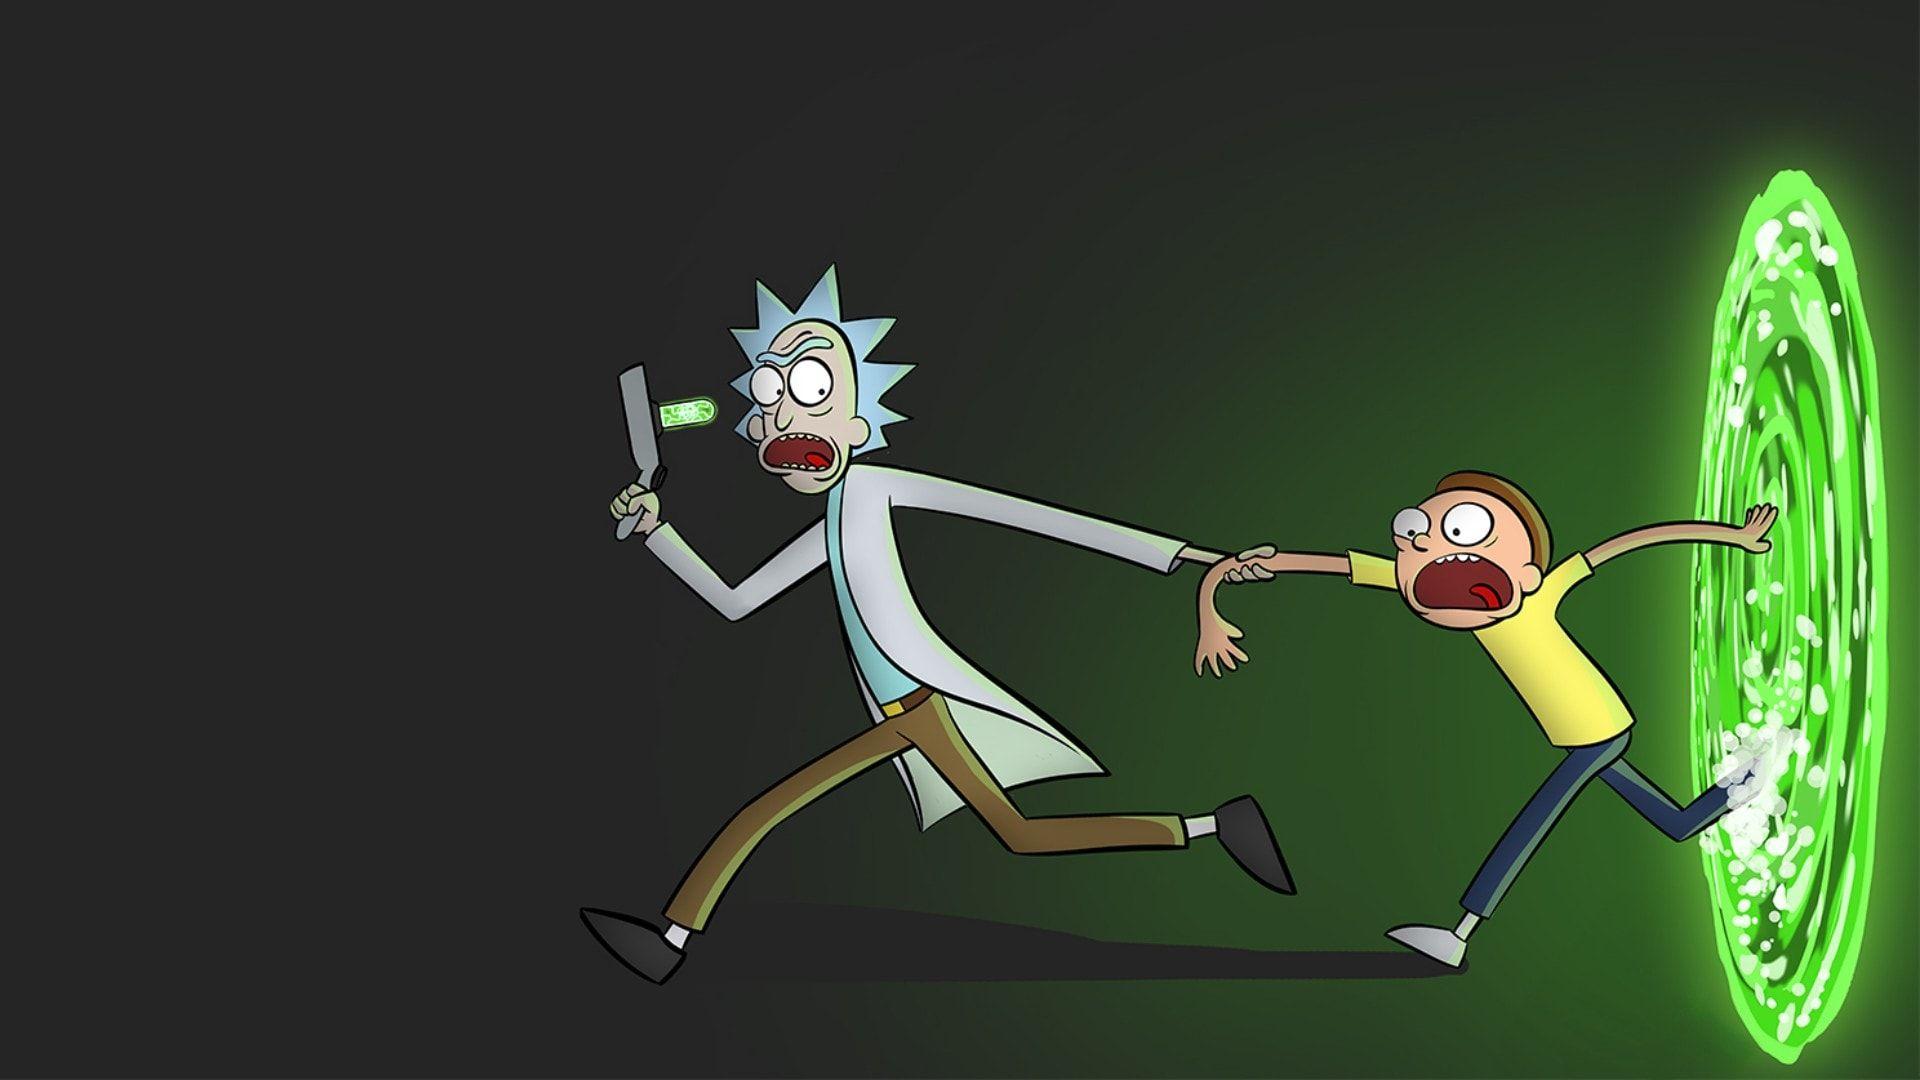 Rick And Morty Portal Tv Show Hd Wallpaper Morty Smith Cartoon Wallpaper Rick And Morty Season Rick and morty green portal wallpaper